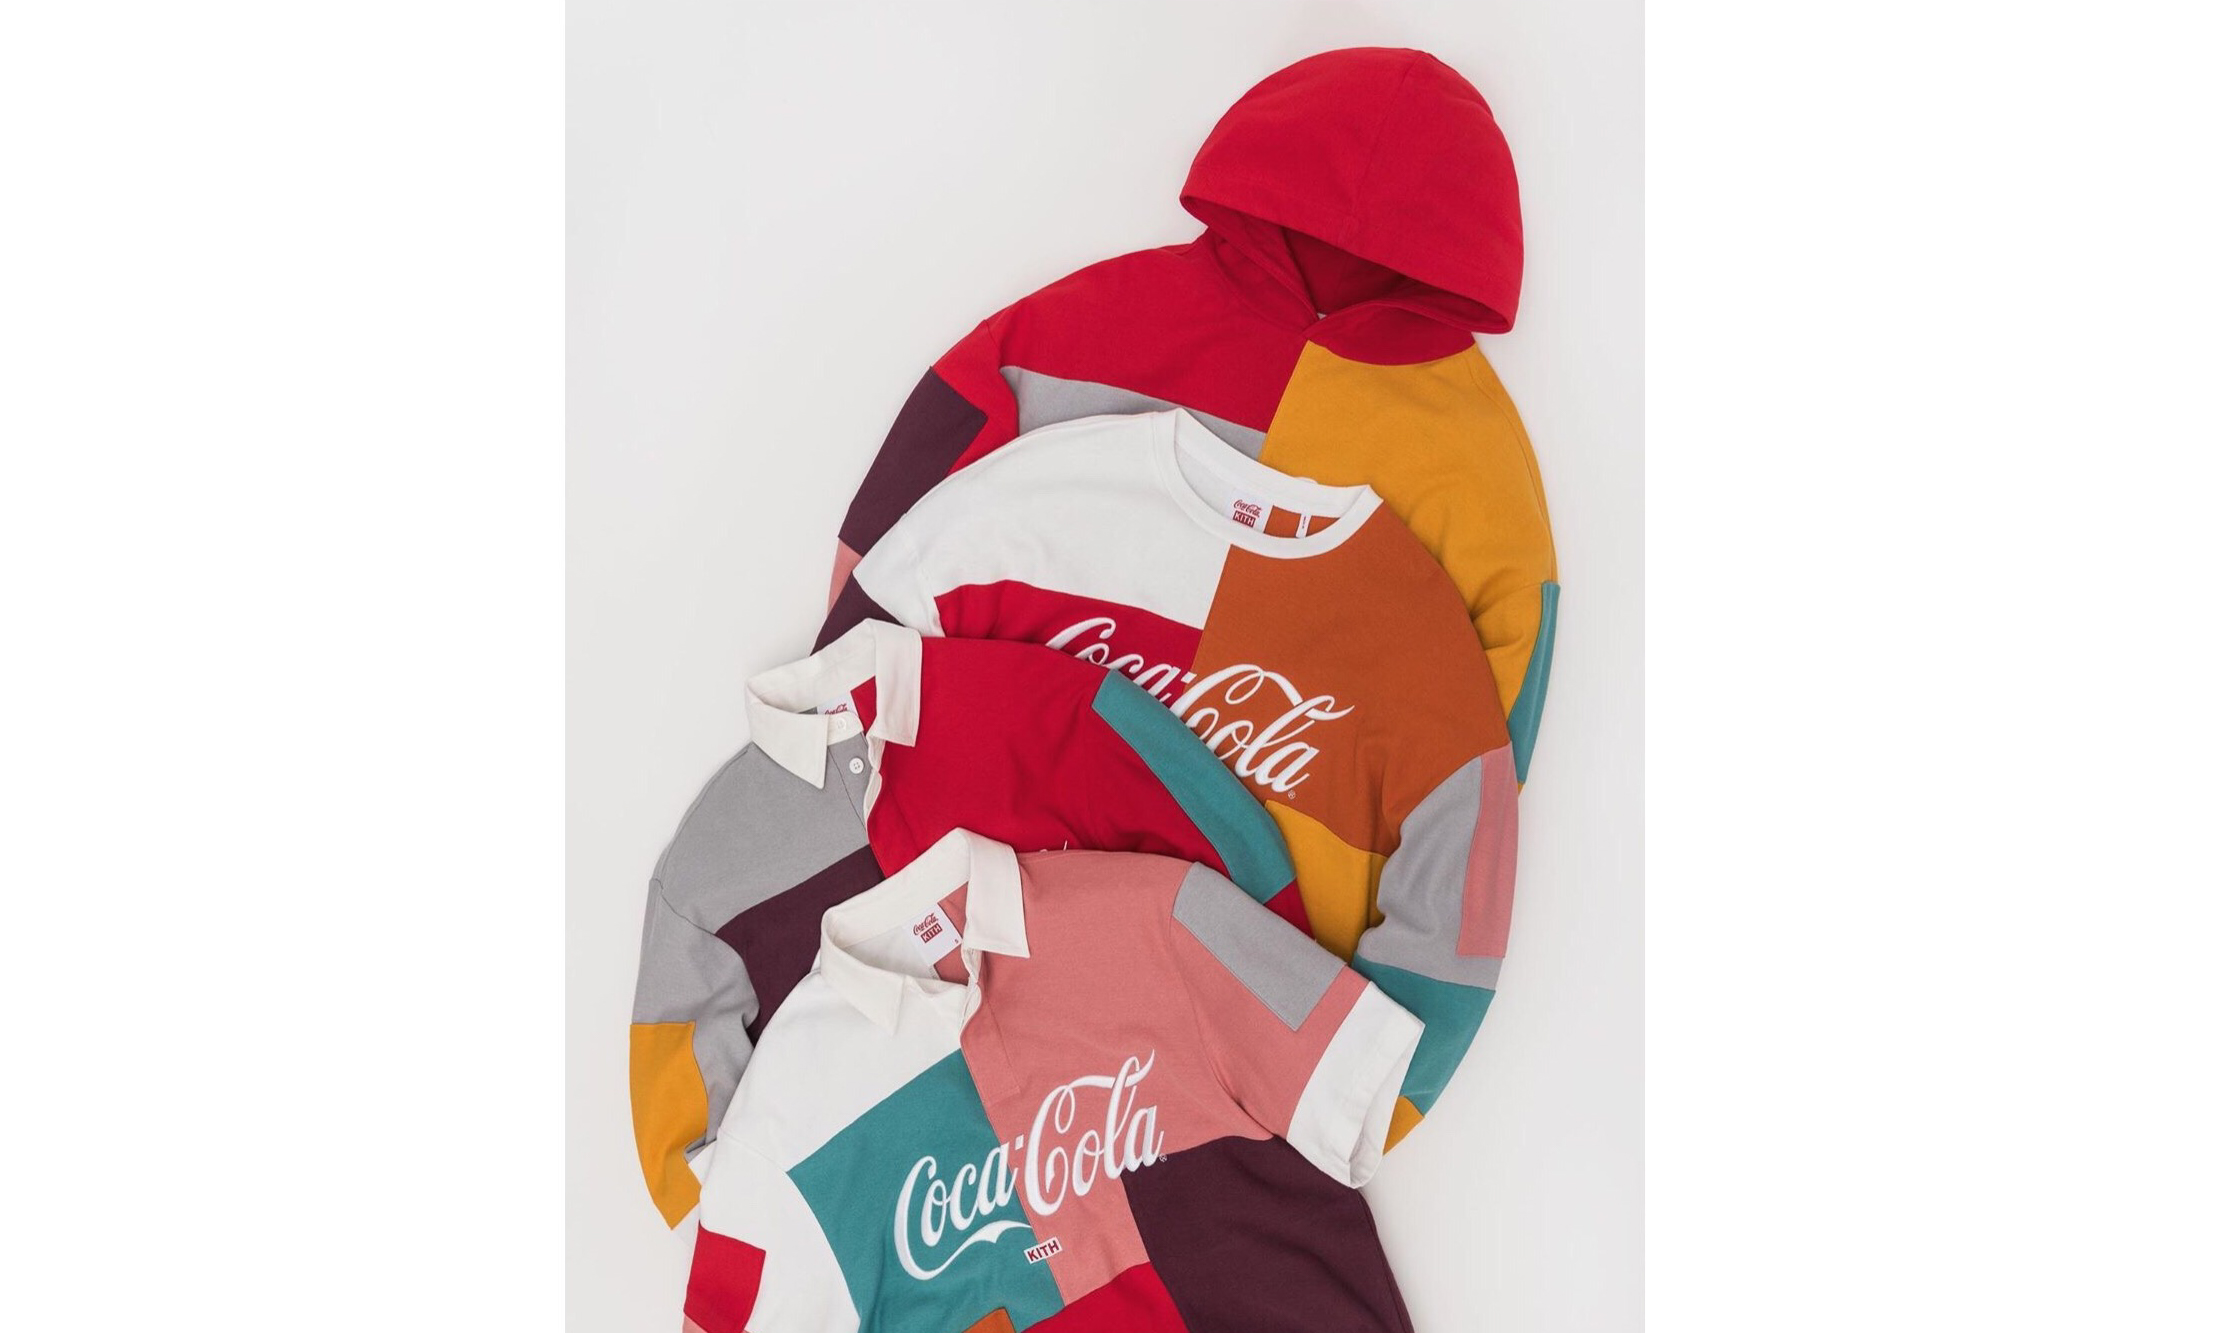 Ronnie Fieg 展示部分 KITH x 可口可乐新一季联名单品